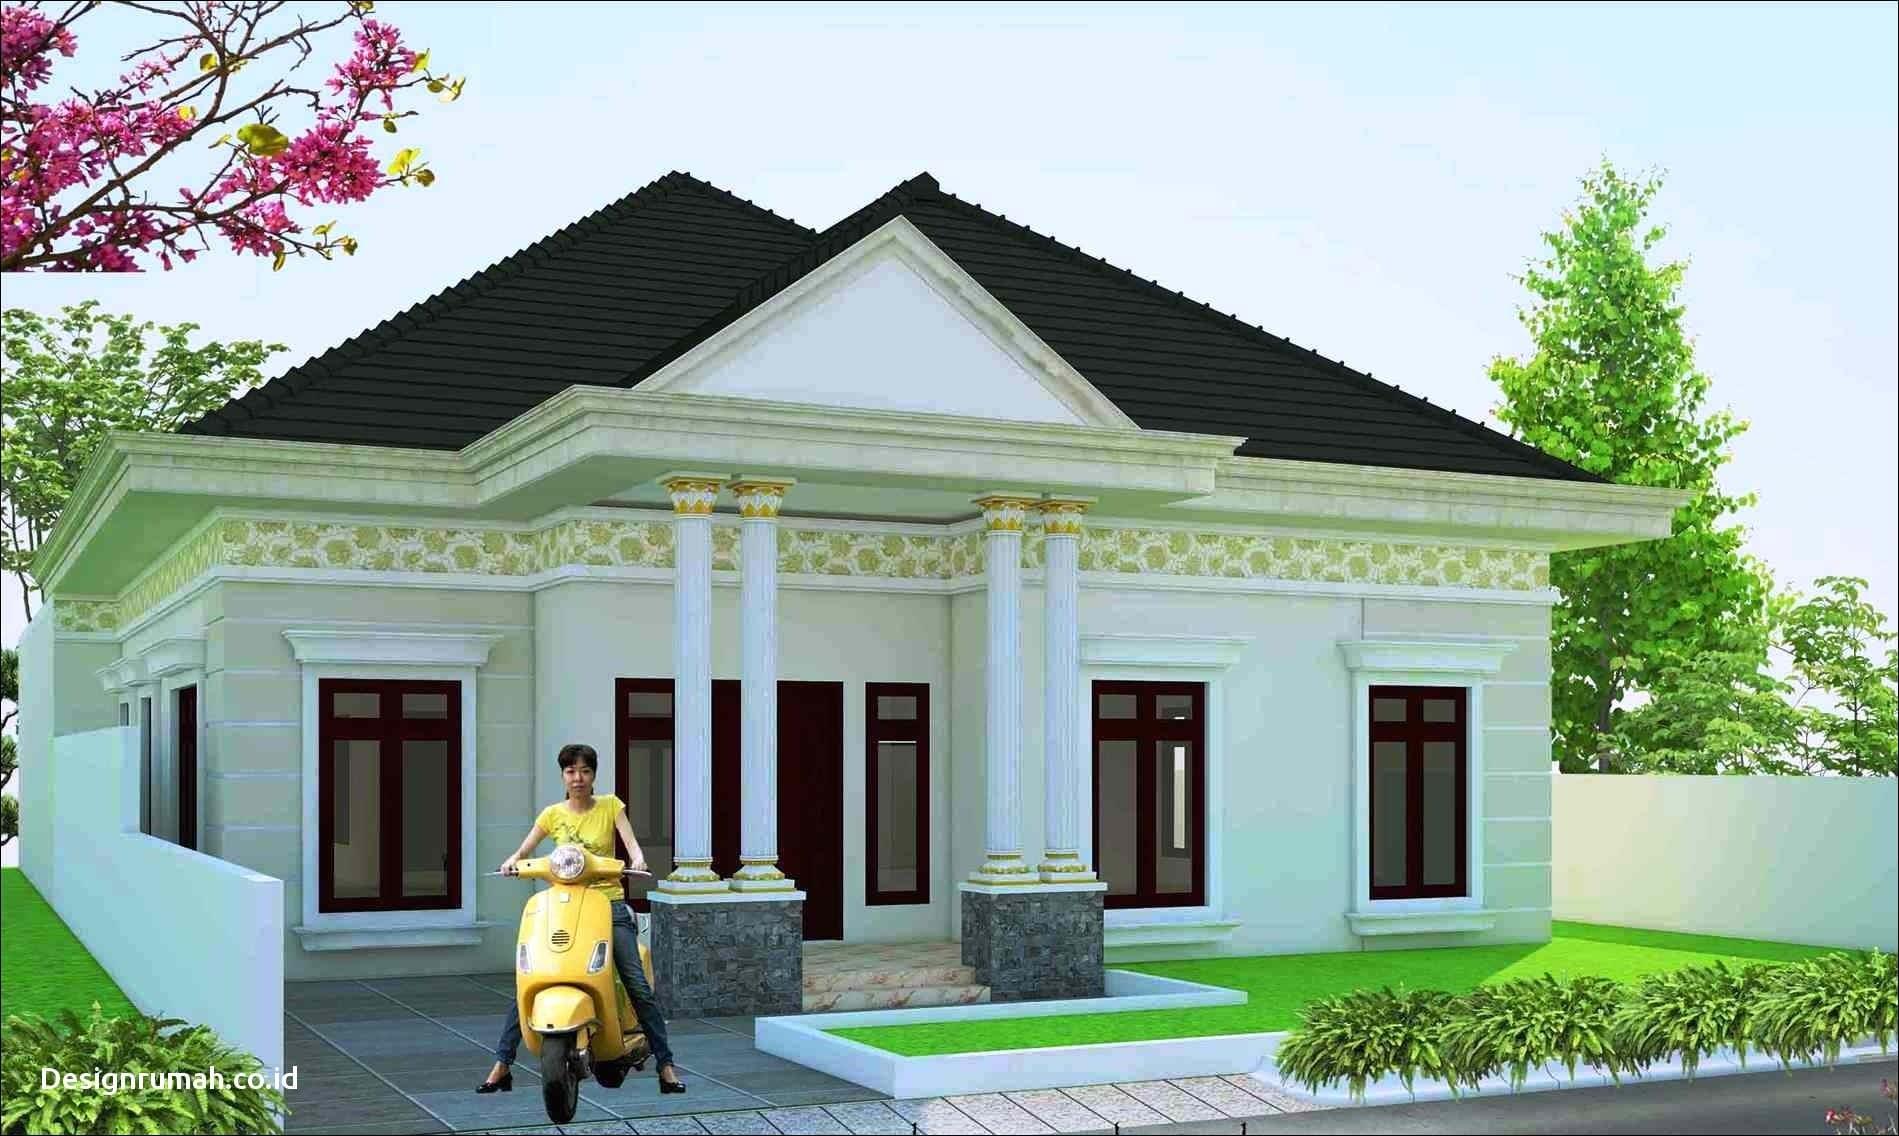 50 Ragam Desain Rumah Klasik 1 Lantai Sederhana Yang Belum Banyak Diketahui - Deagam Design